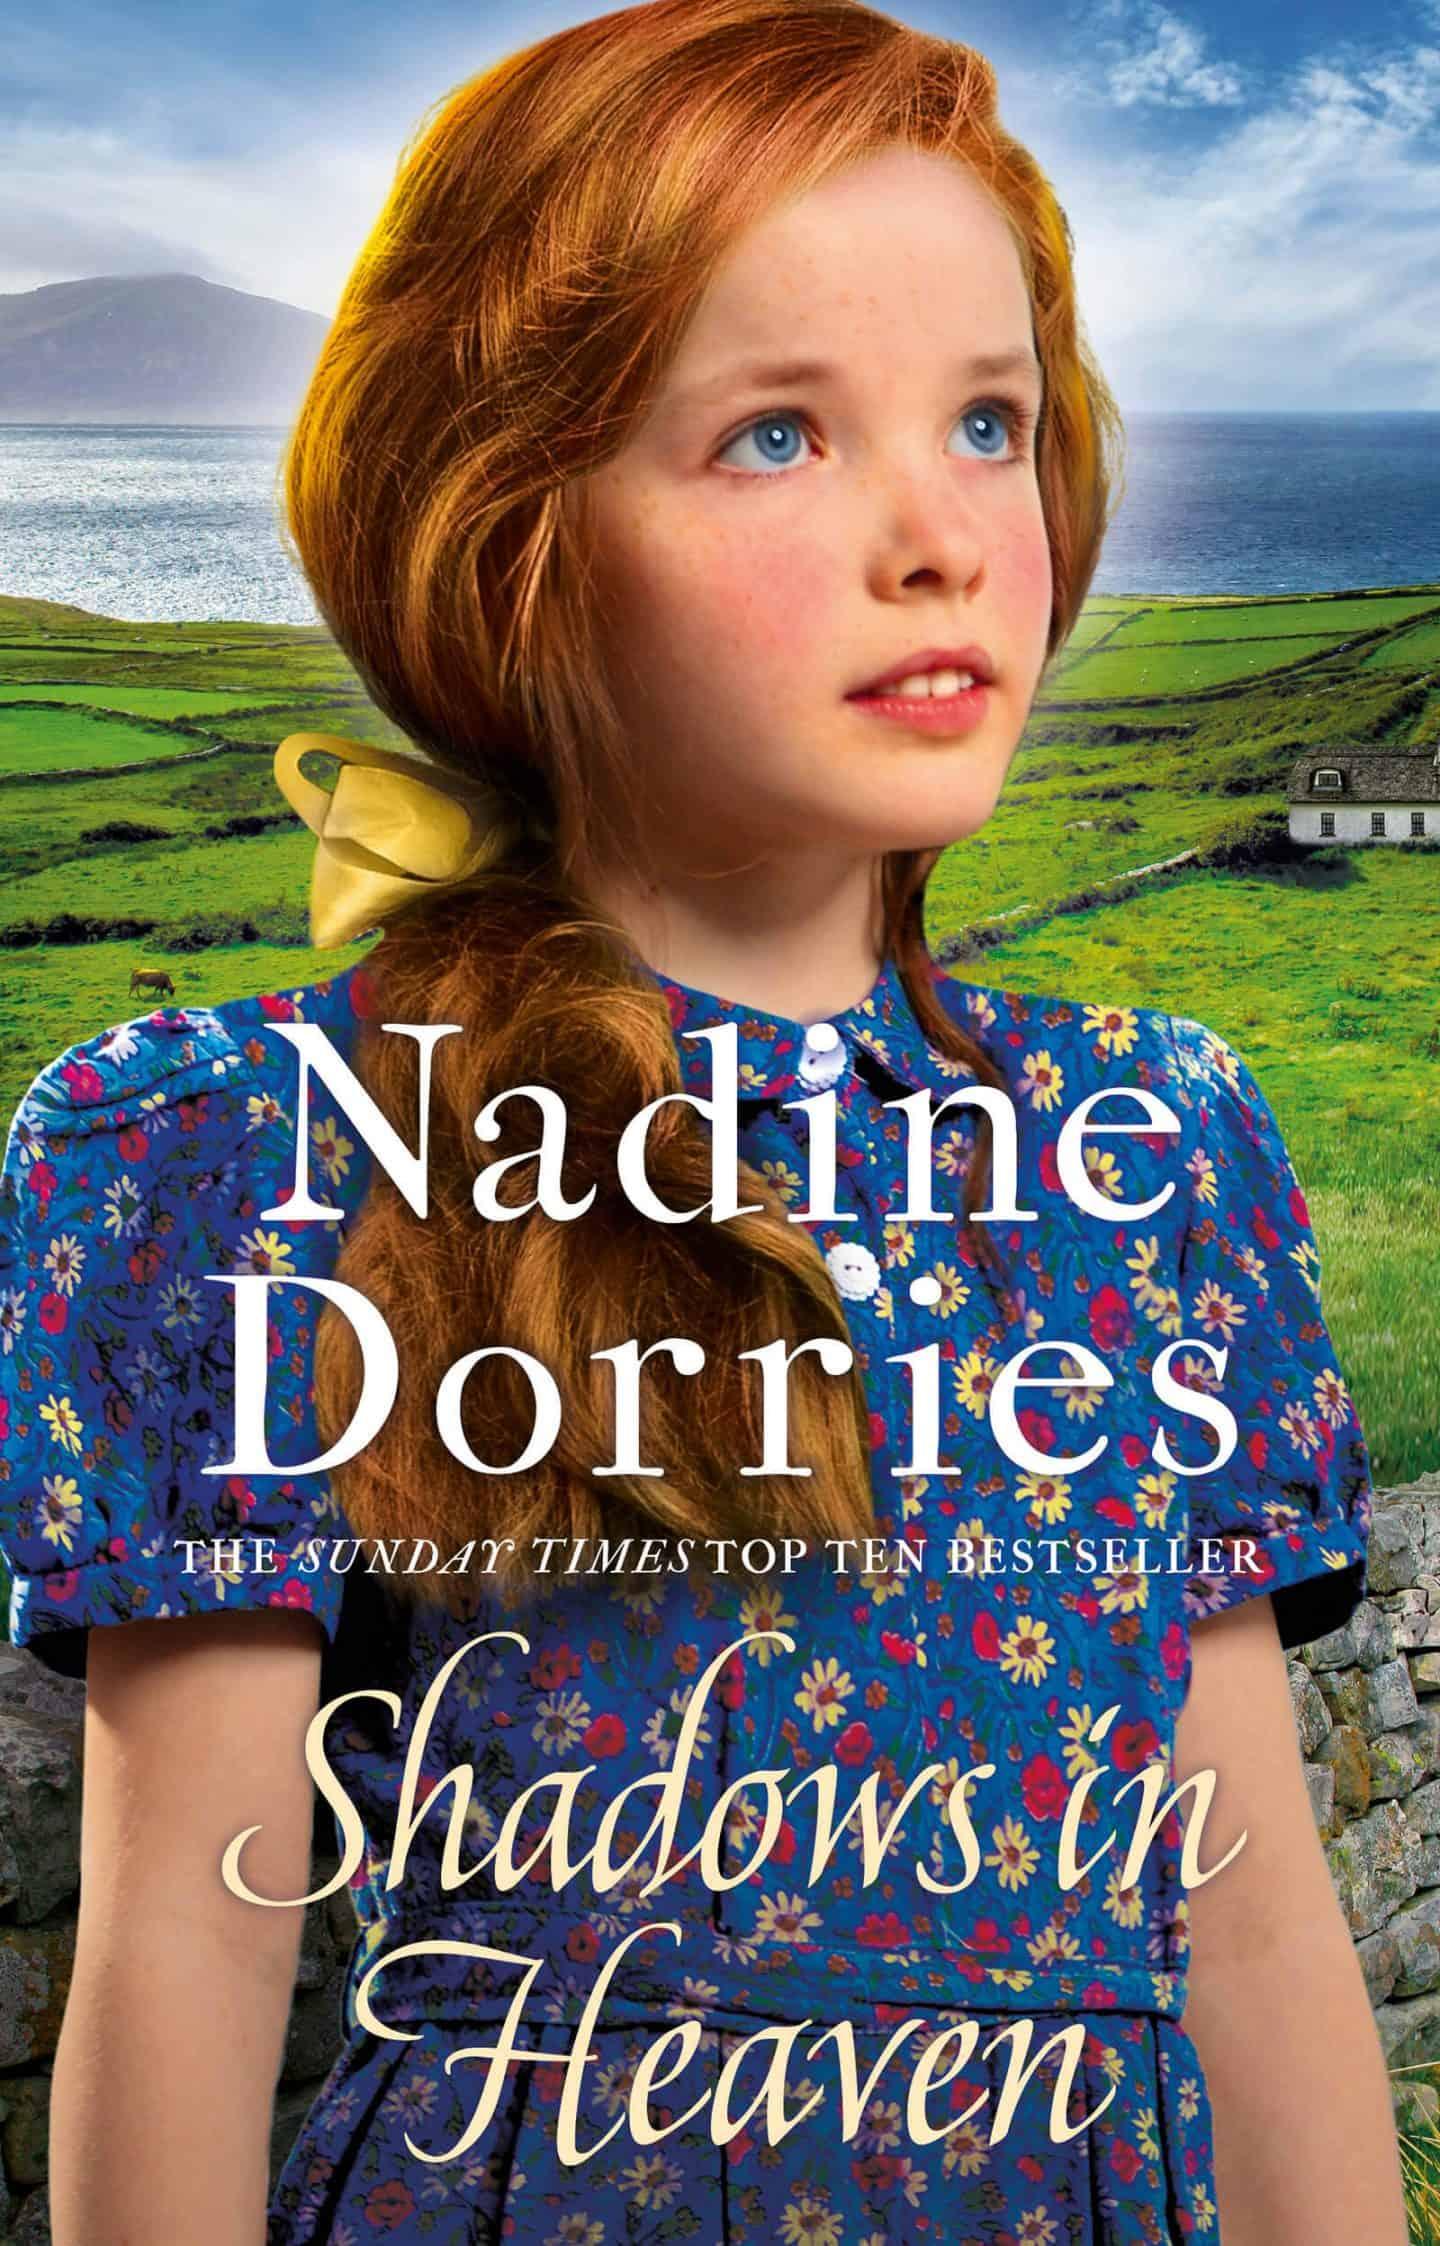 Shadows in Heaven by Nadine Dorries